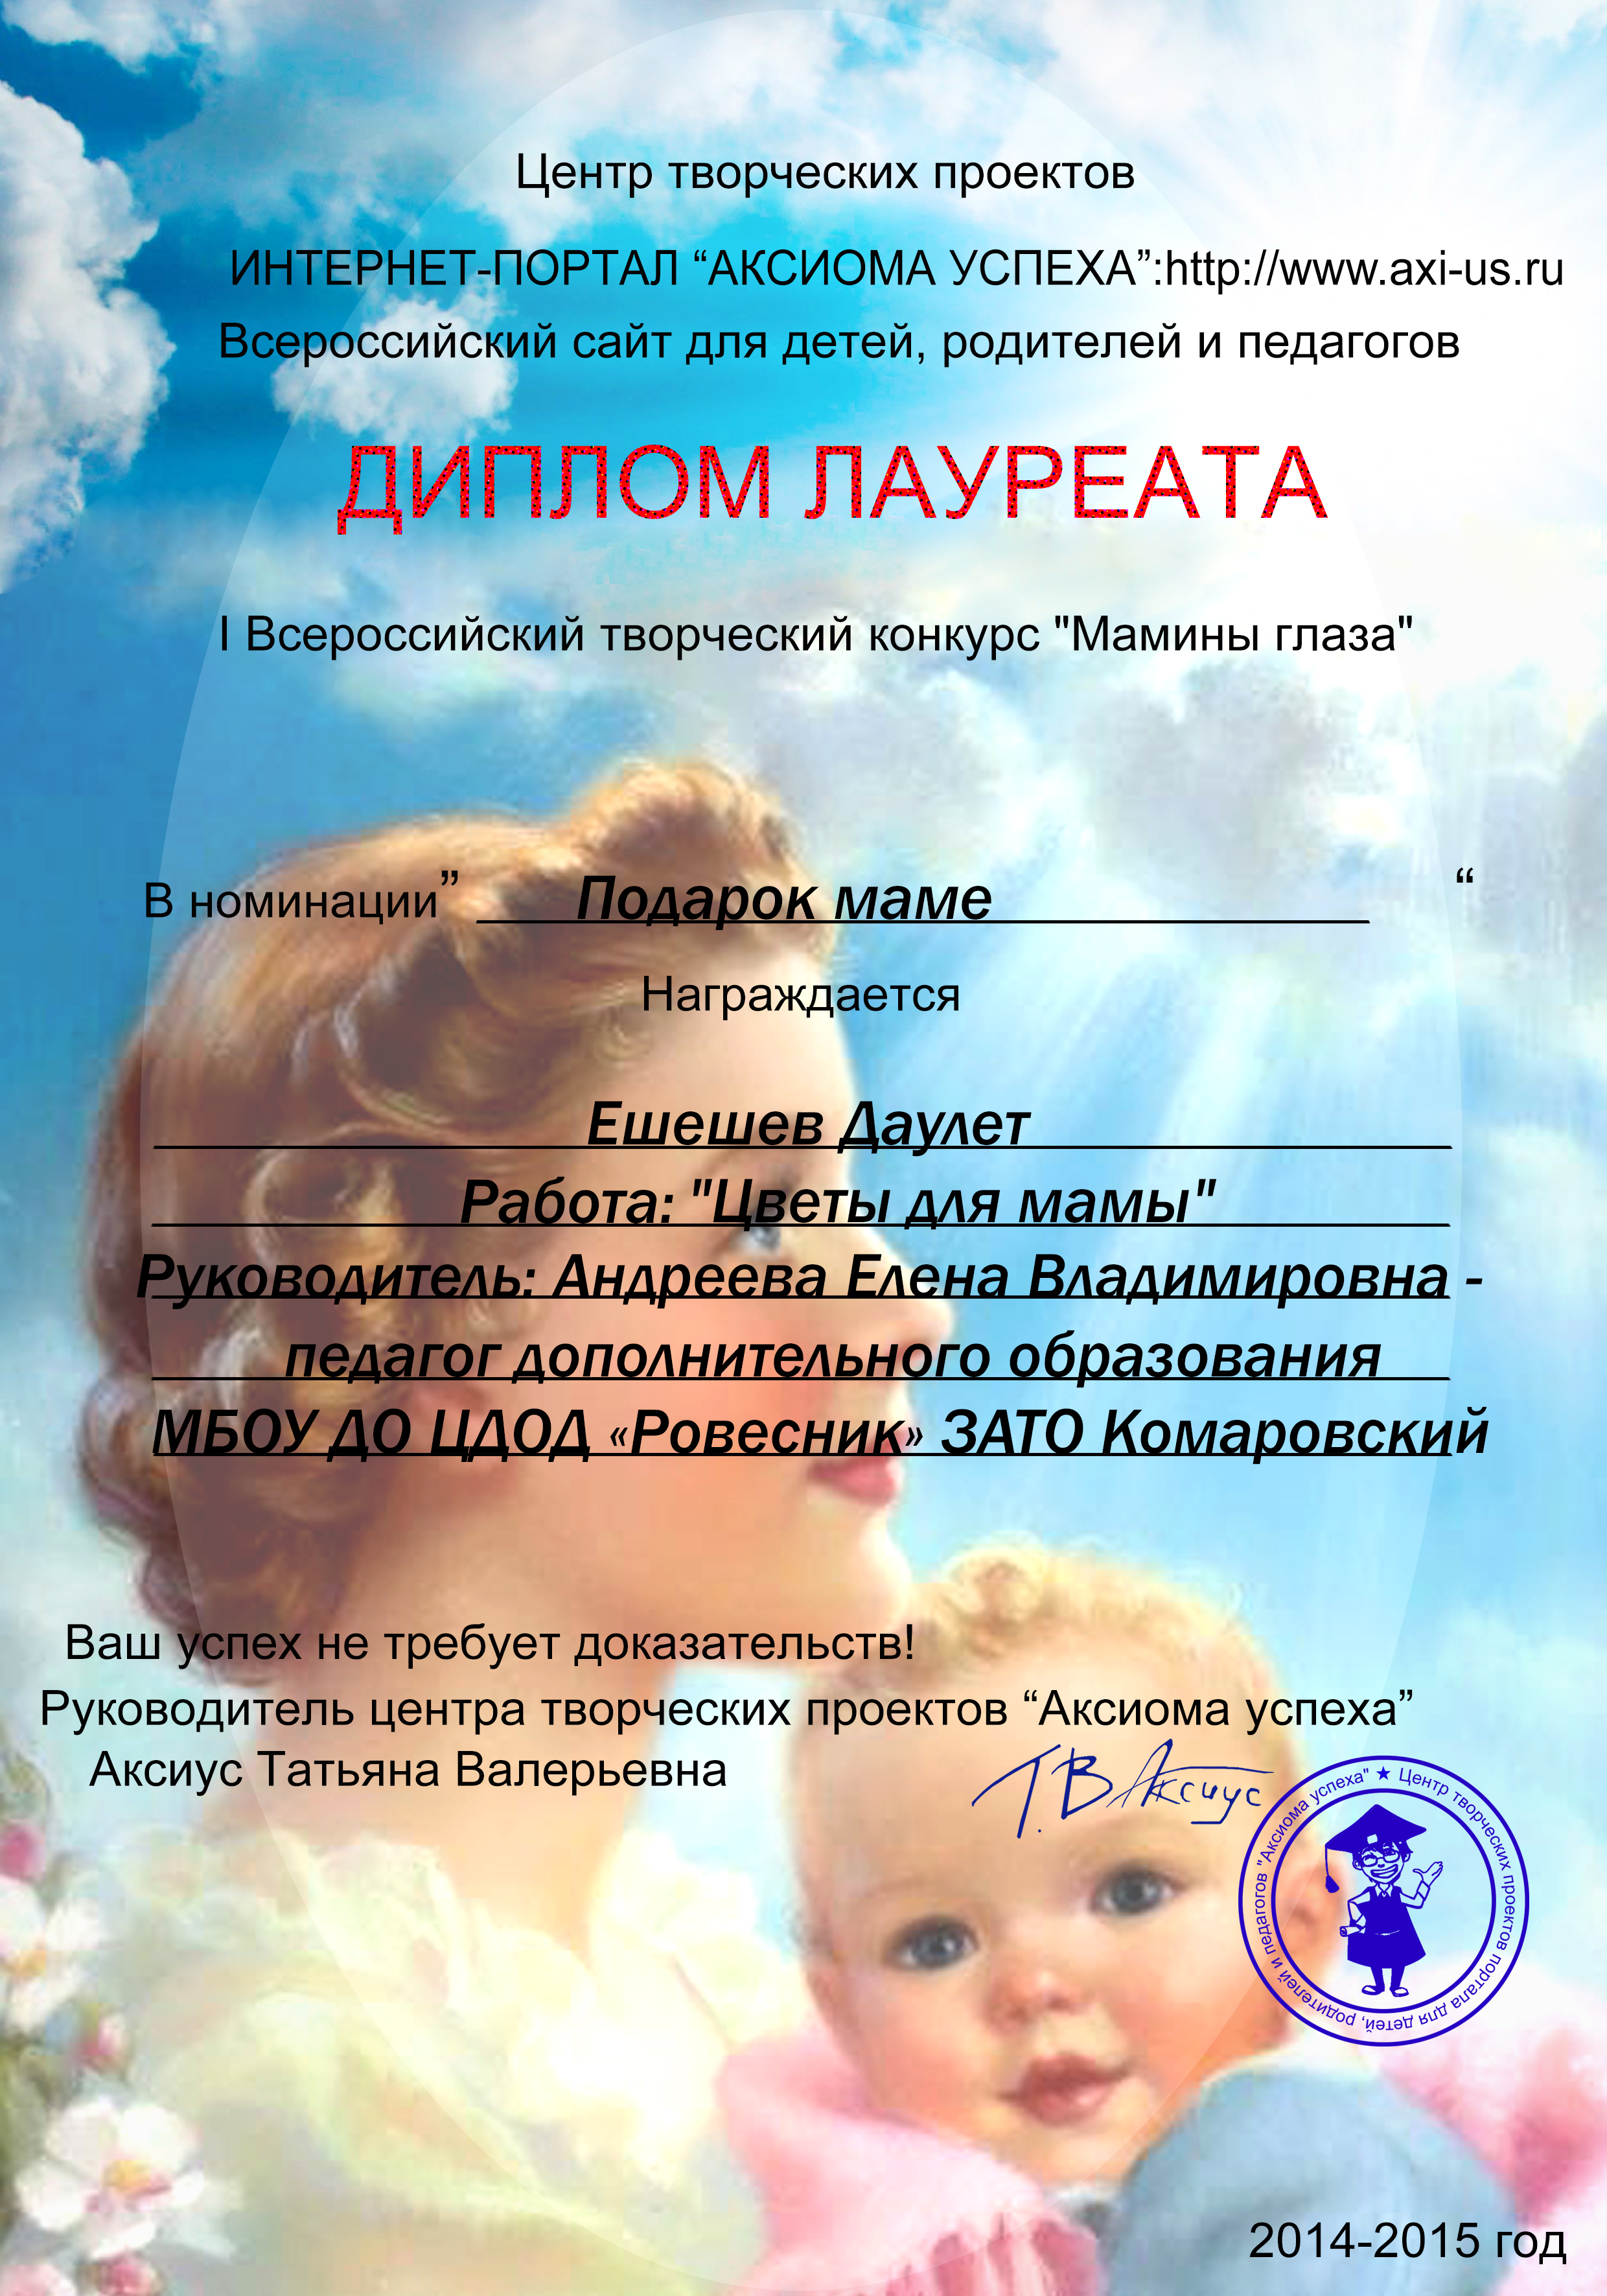 Ешешев Даулет.jpg